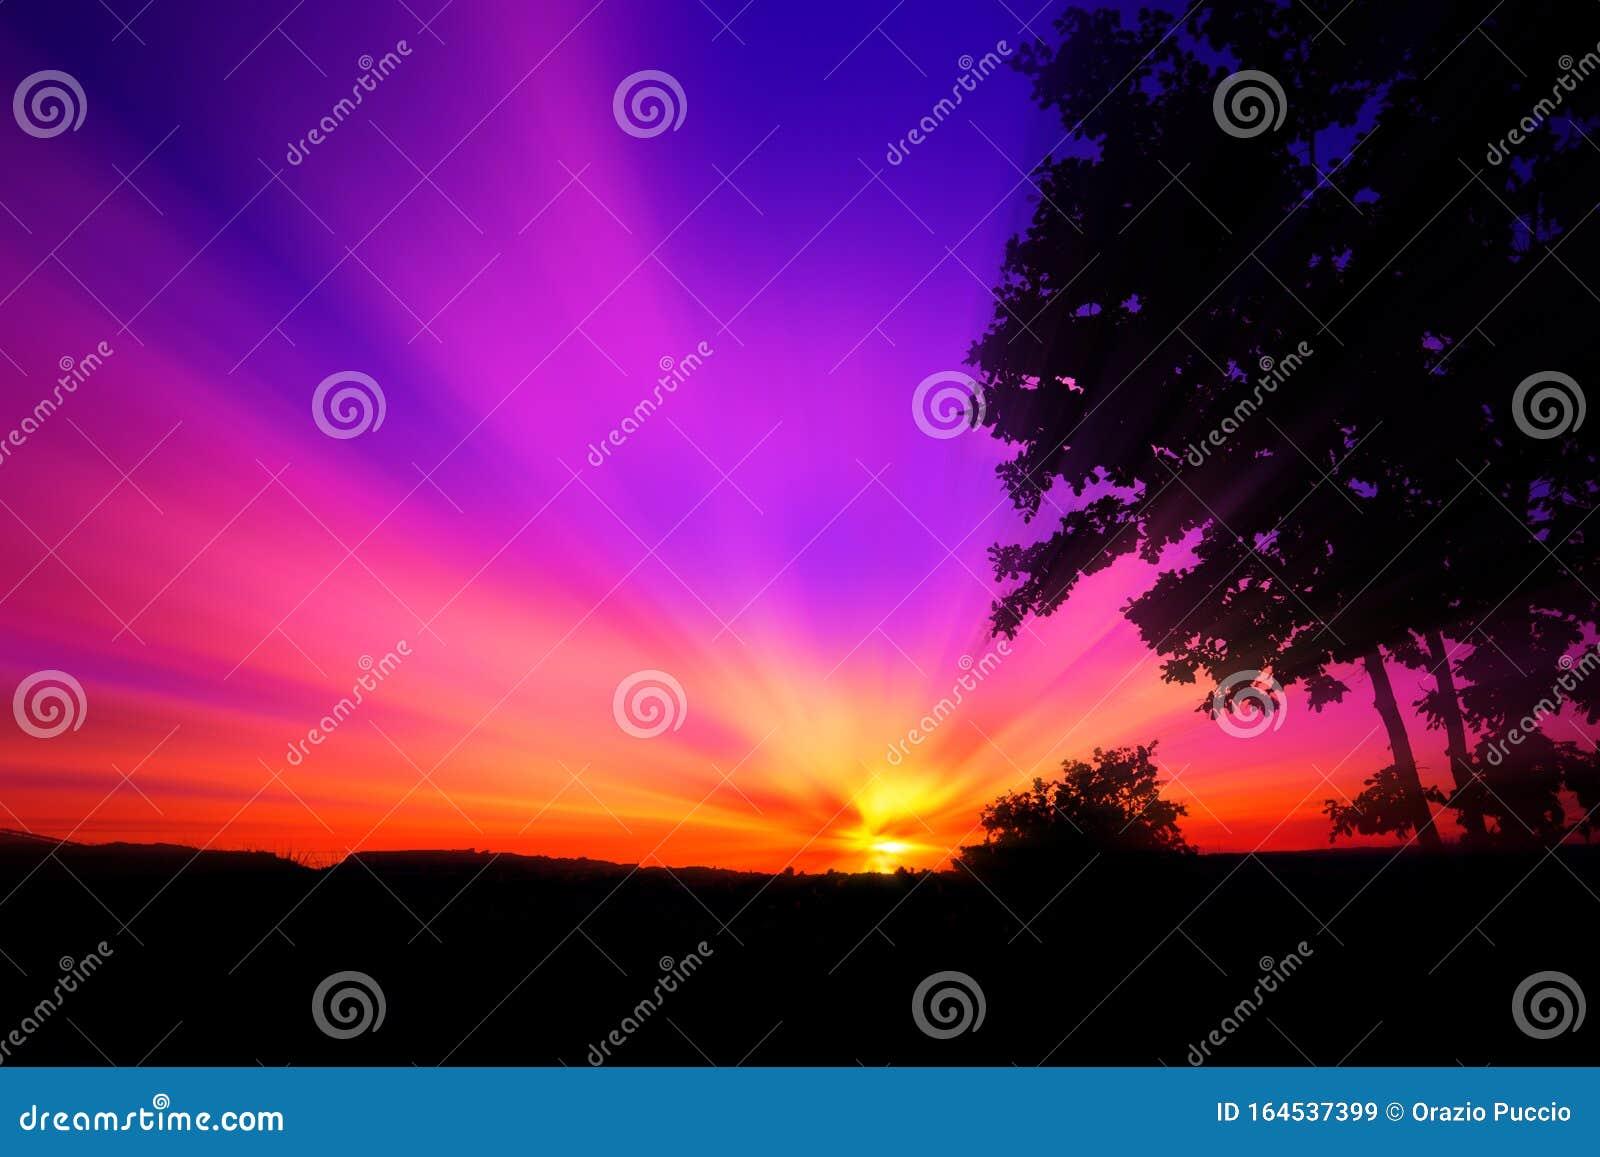 Red Purple Sunset Stock Image Image Of Landscape Dusk 164537399